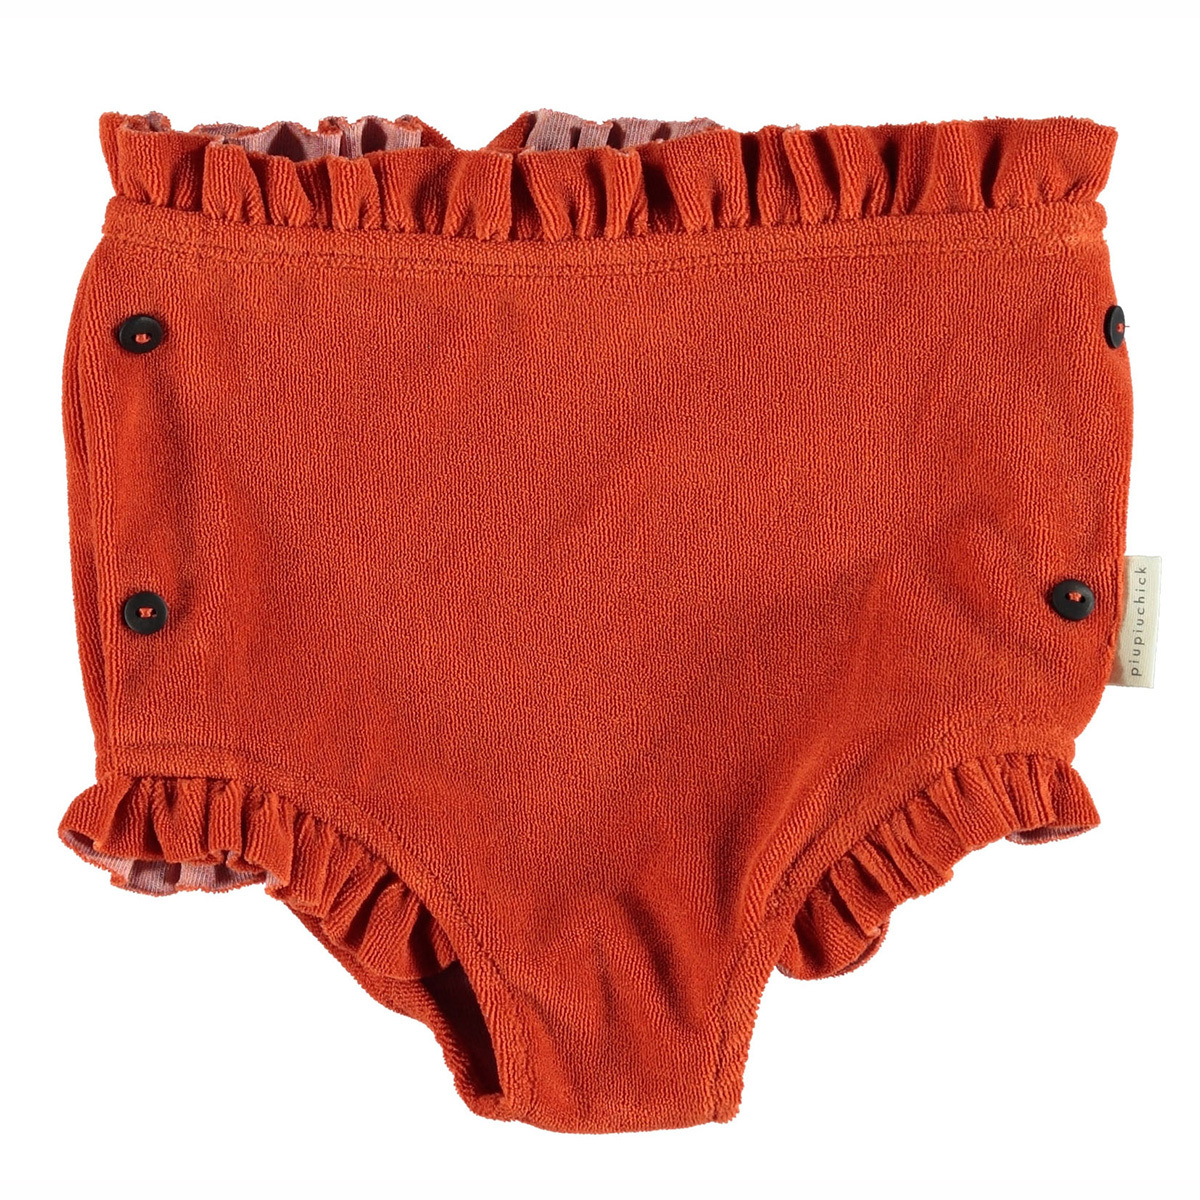 Bas Bébé Short Taille Haute - Rouge - 6 Mois Short Taille Haute - Rouge - 6 Mois